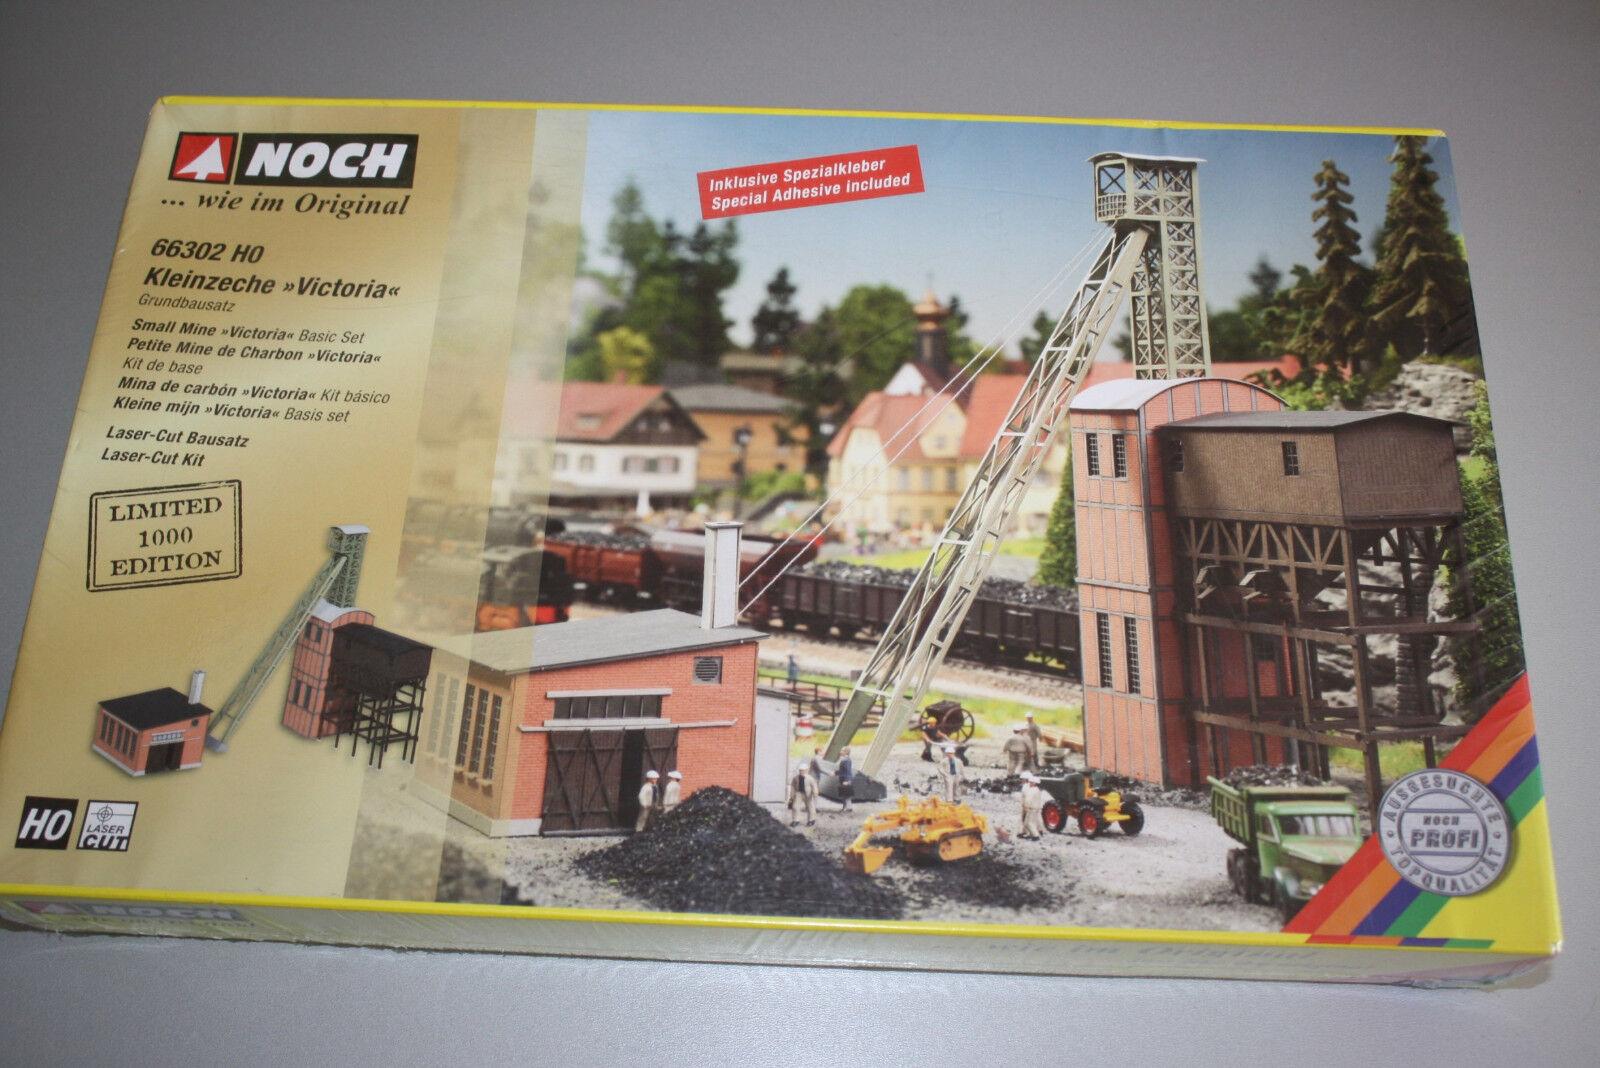 Ancora 66302 KIT piccoli miniera  Victoria  Limited edizione 1000 traccia h0 OVP